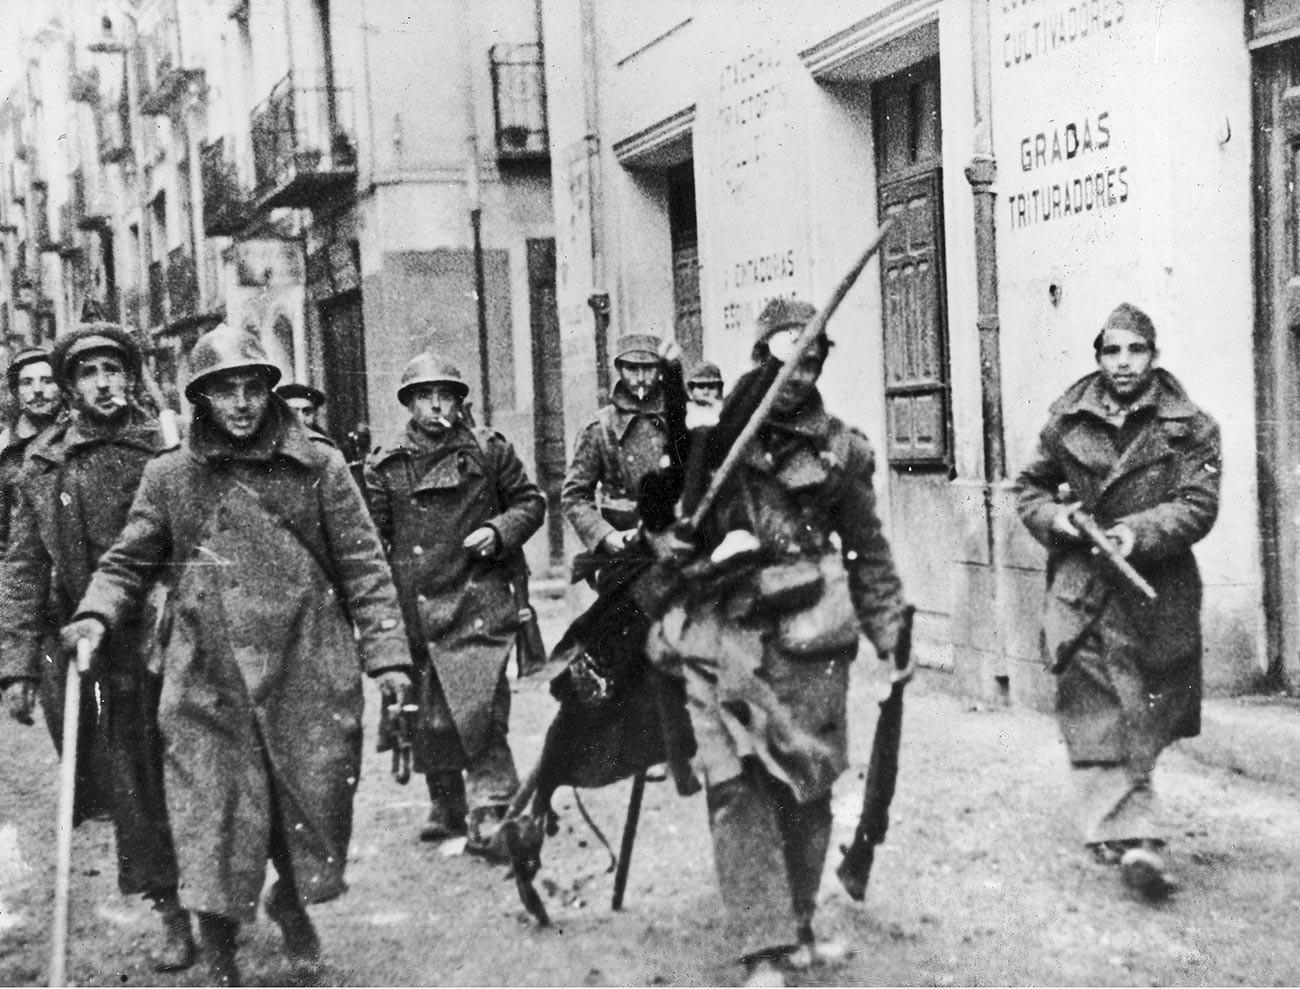 Републиканци заузимају град Теруел.